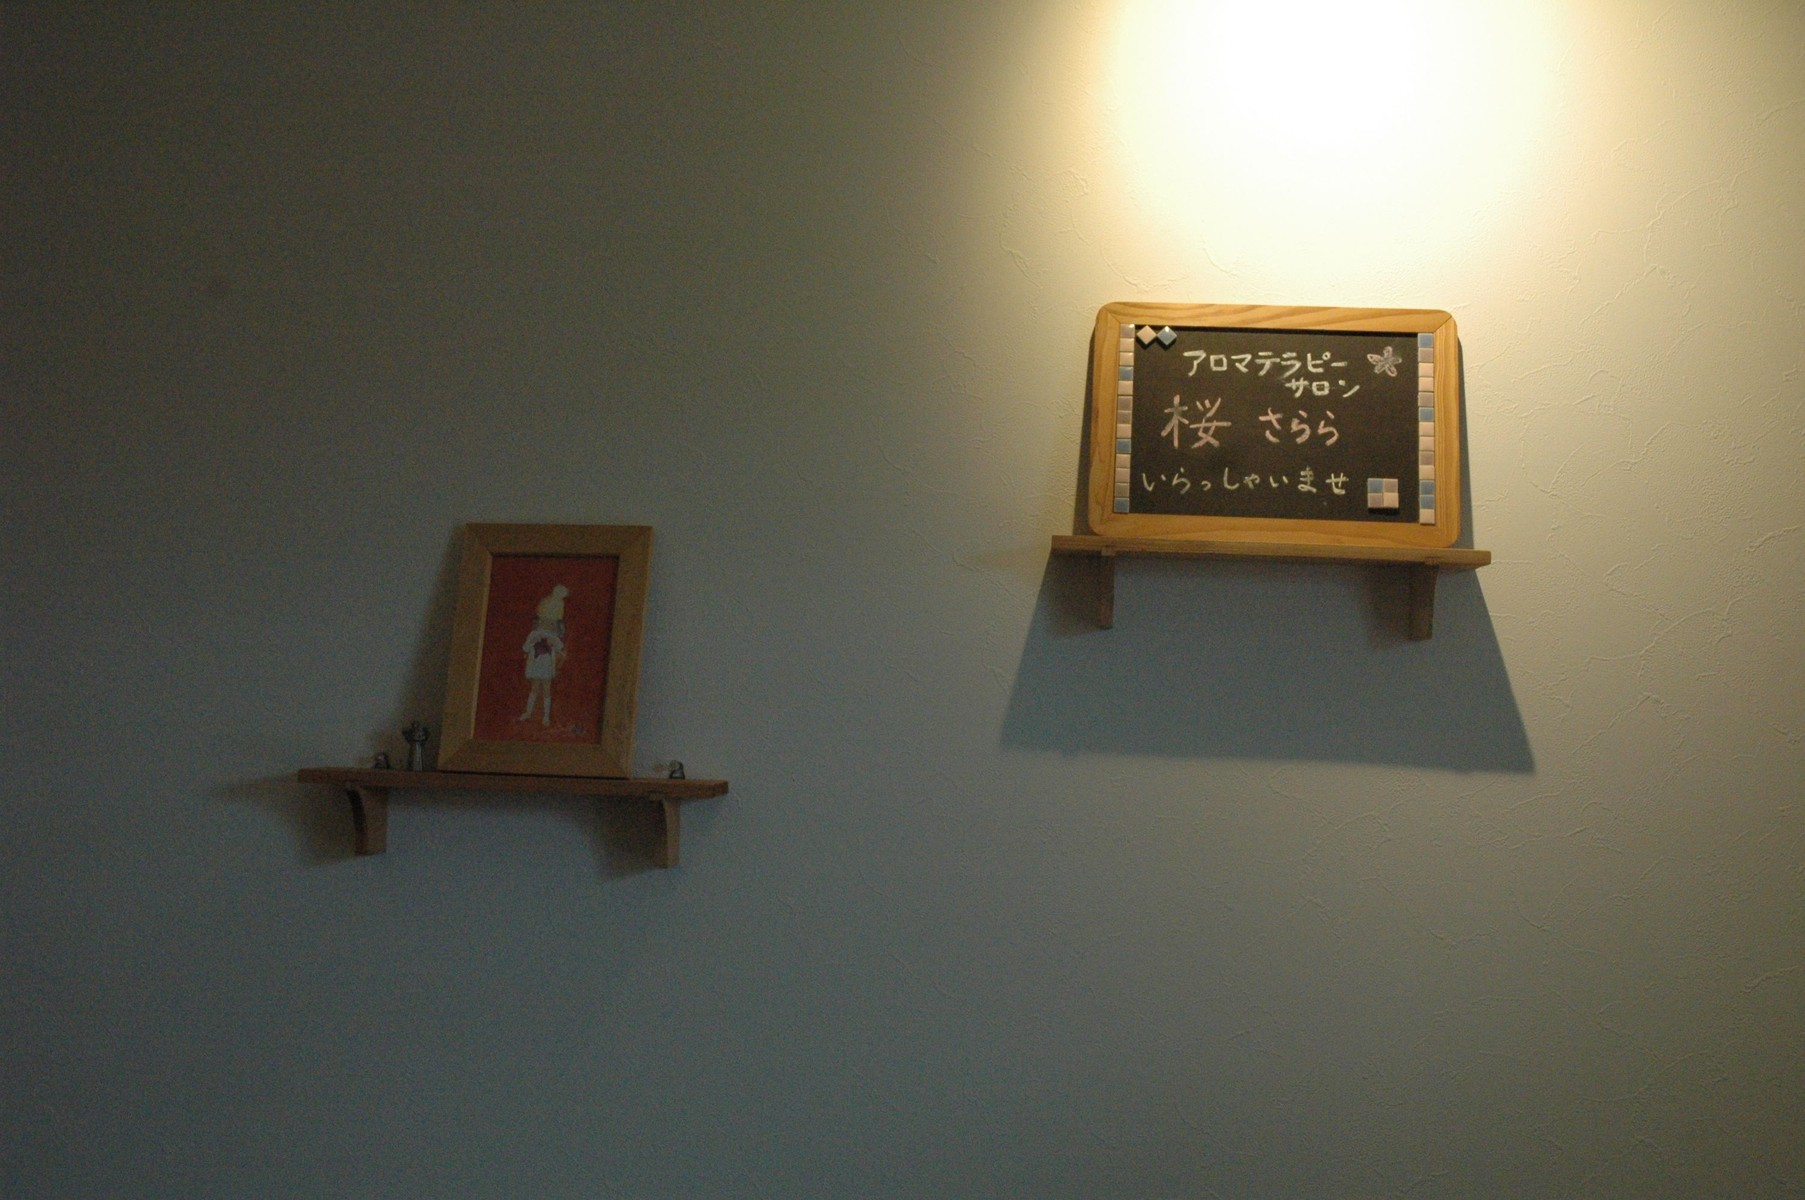 桜さらら・箕谷・サロン・ルーム用ウエルカムボード